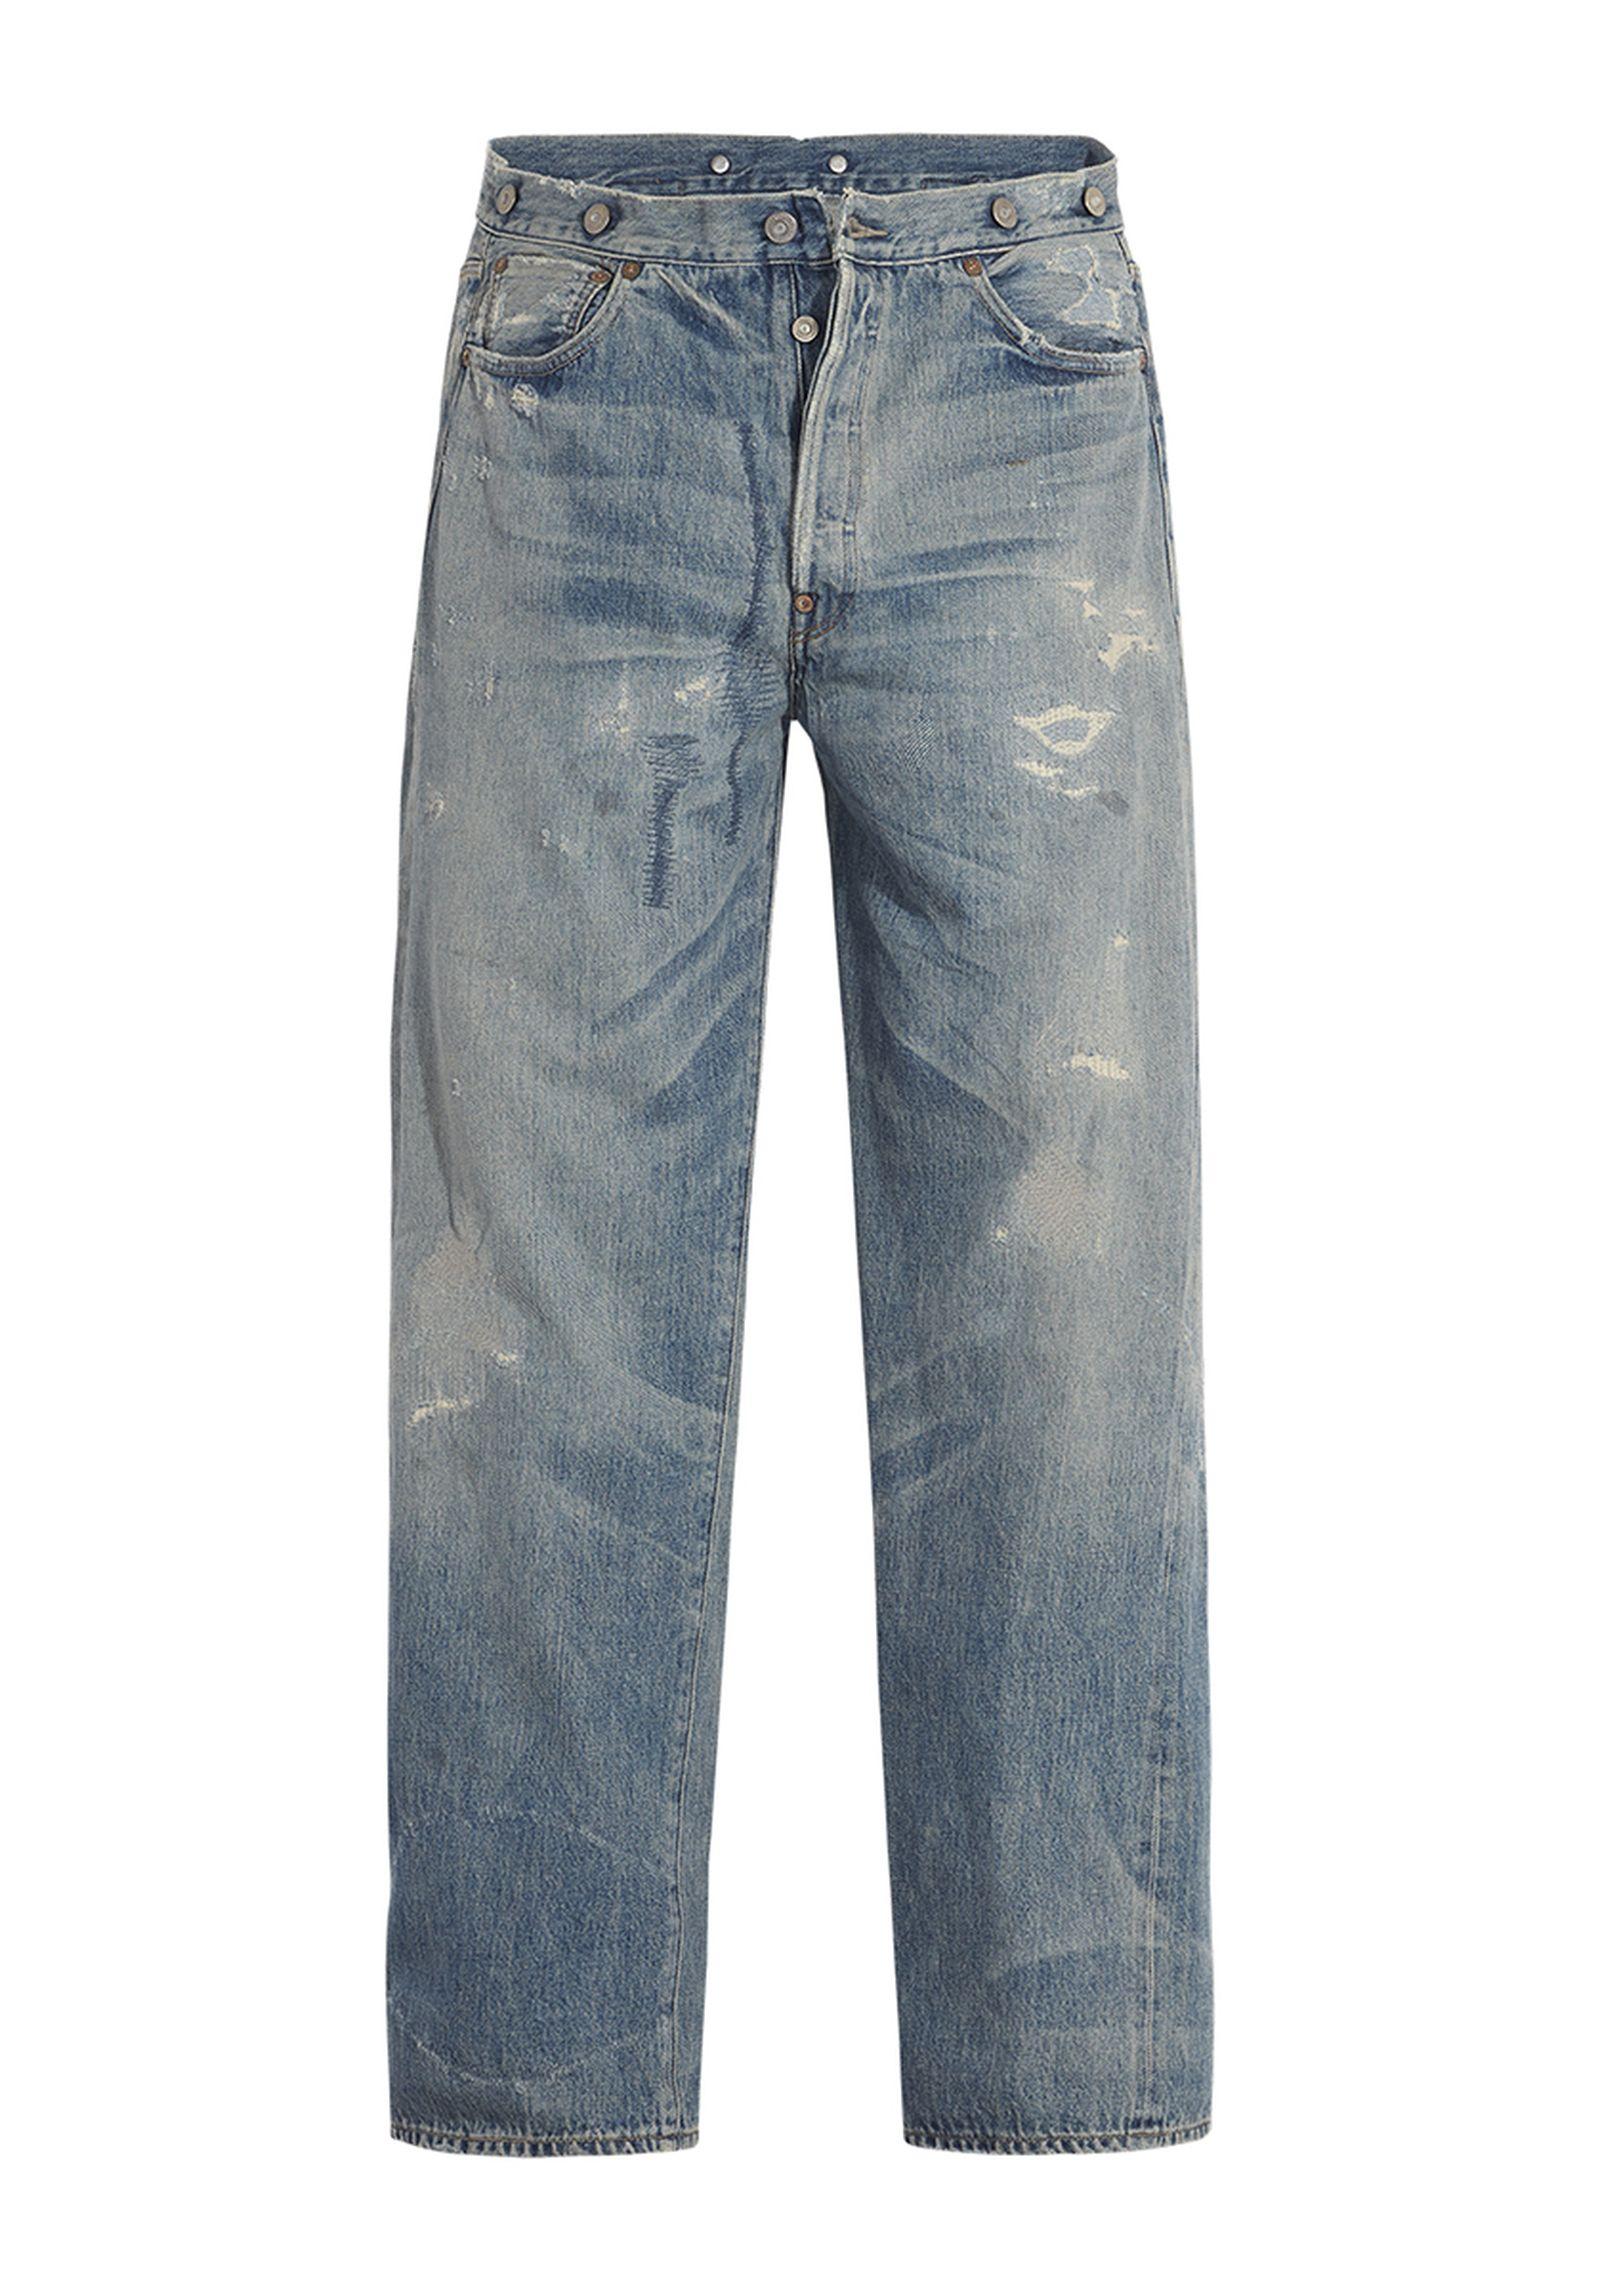 nigo levis japan jacket jeans collaboration